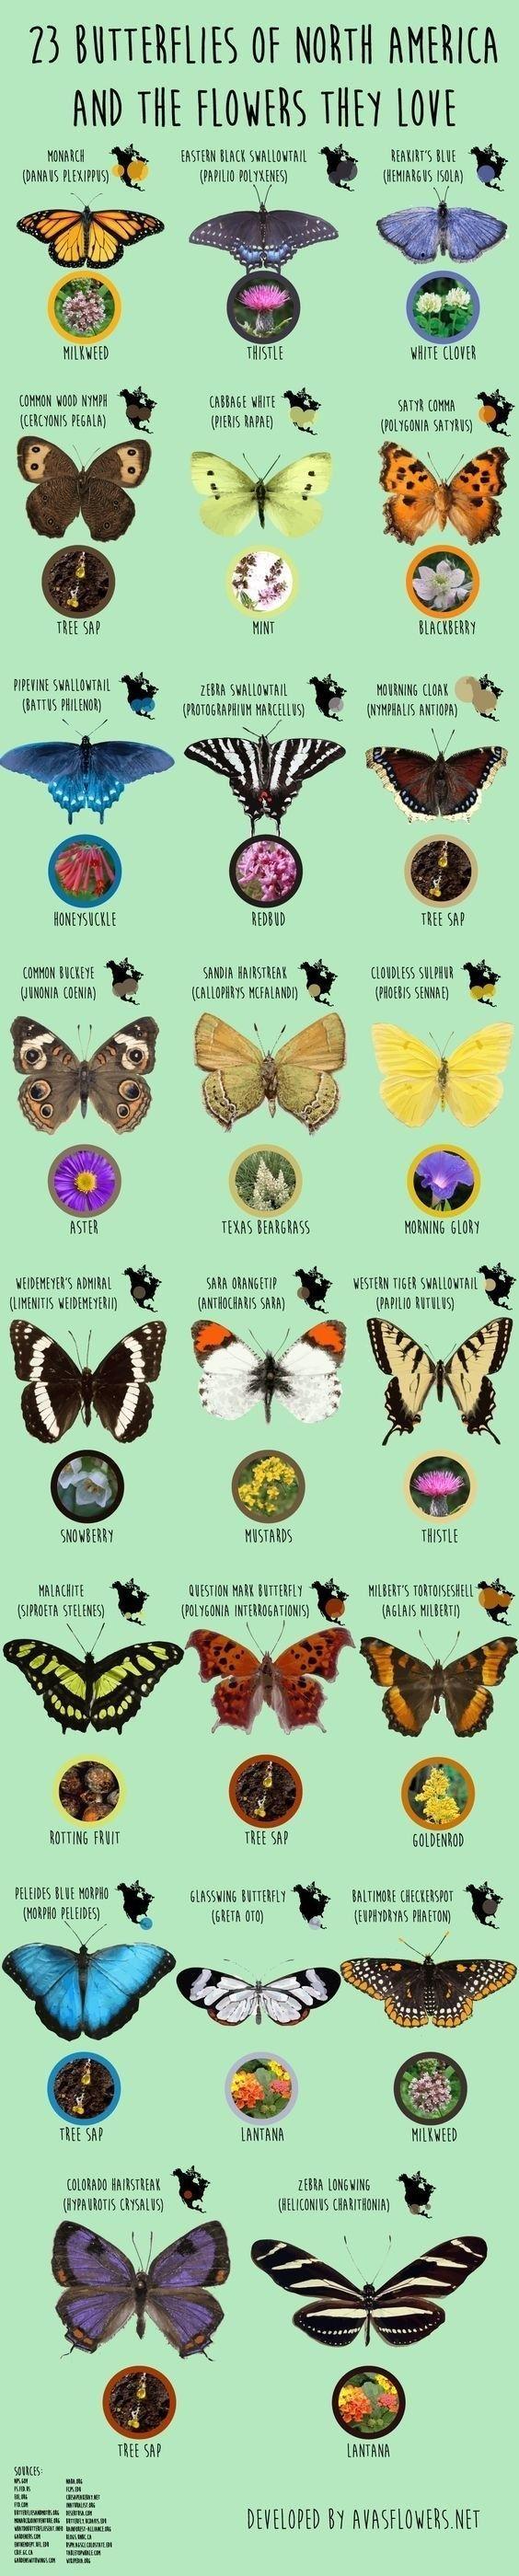 Wenn Sie vermissen, Schmetterlinge in Ihrem Garten zu sehen, gibt es etwas, das Sie dagegen tun können. Hier finden Sie eine praktische Übersicht darüber, welche Pflanzen und Blumen welche Arten anziehen. Es gibt einen Grund, warum Sie Schmetterlinge nicht mehr sehen und hier ist, was Sie dagegen tun können